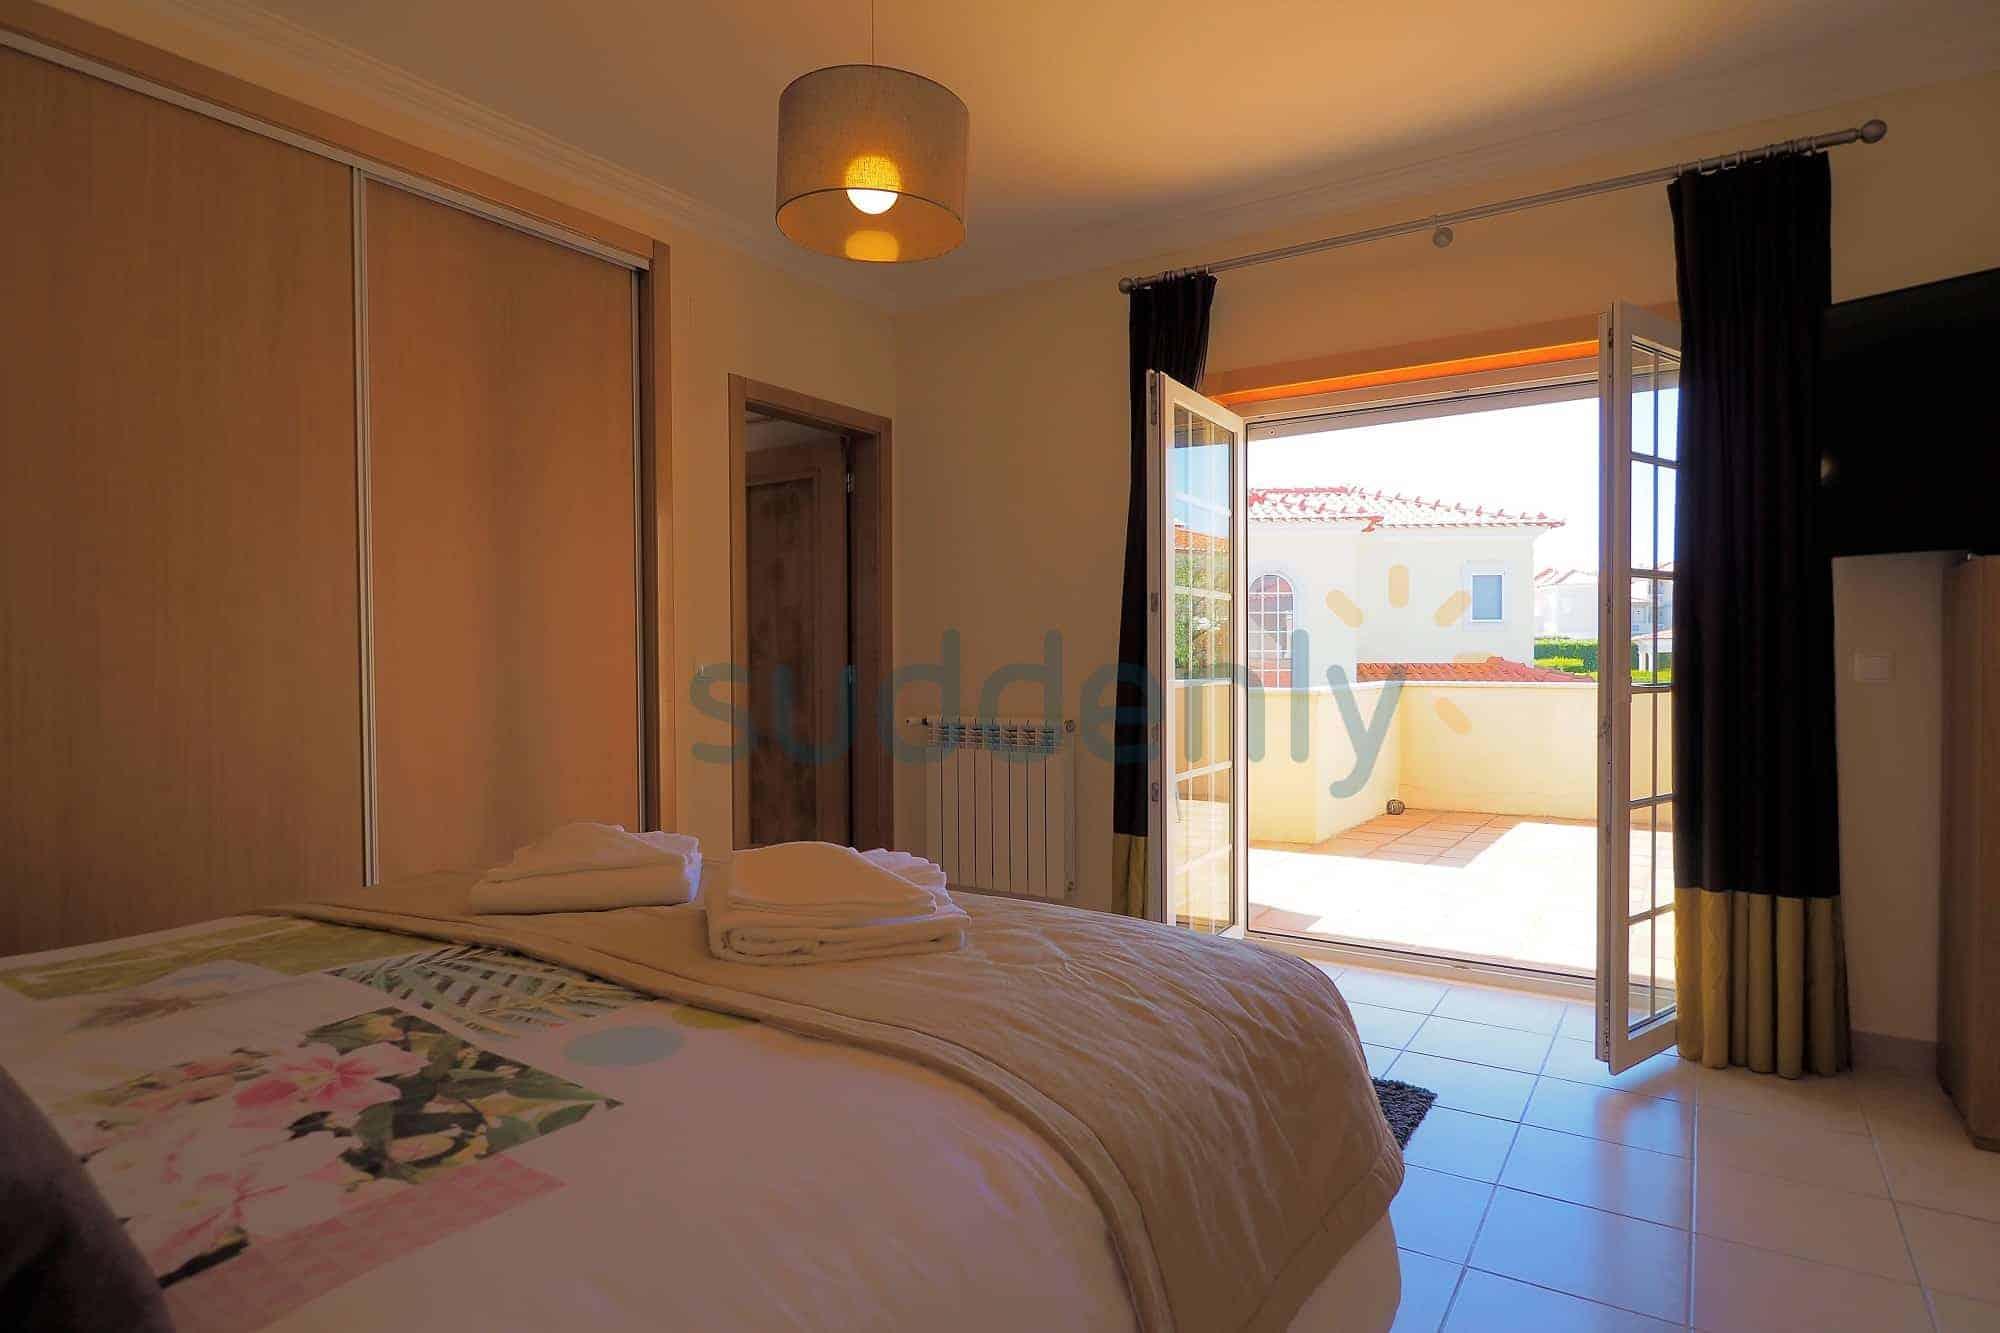 Holiday Rentals in Praia D'El Rey 28